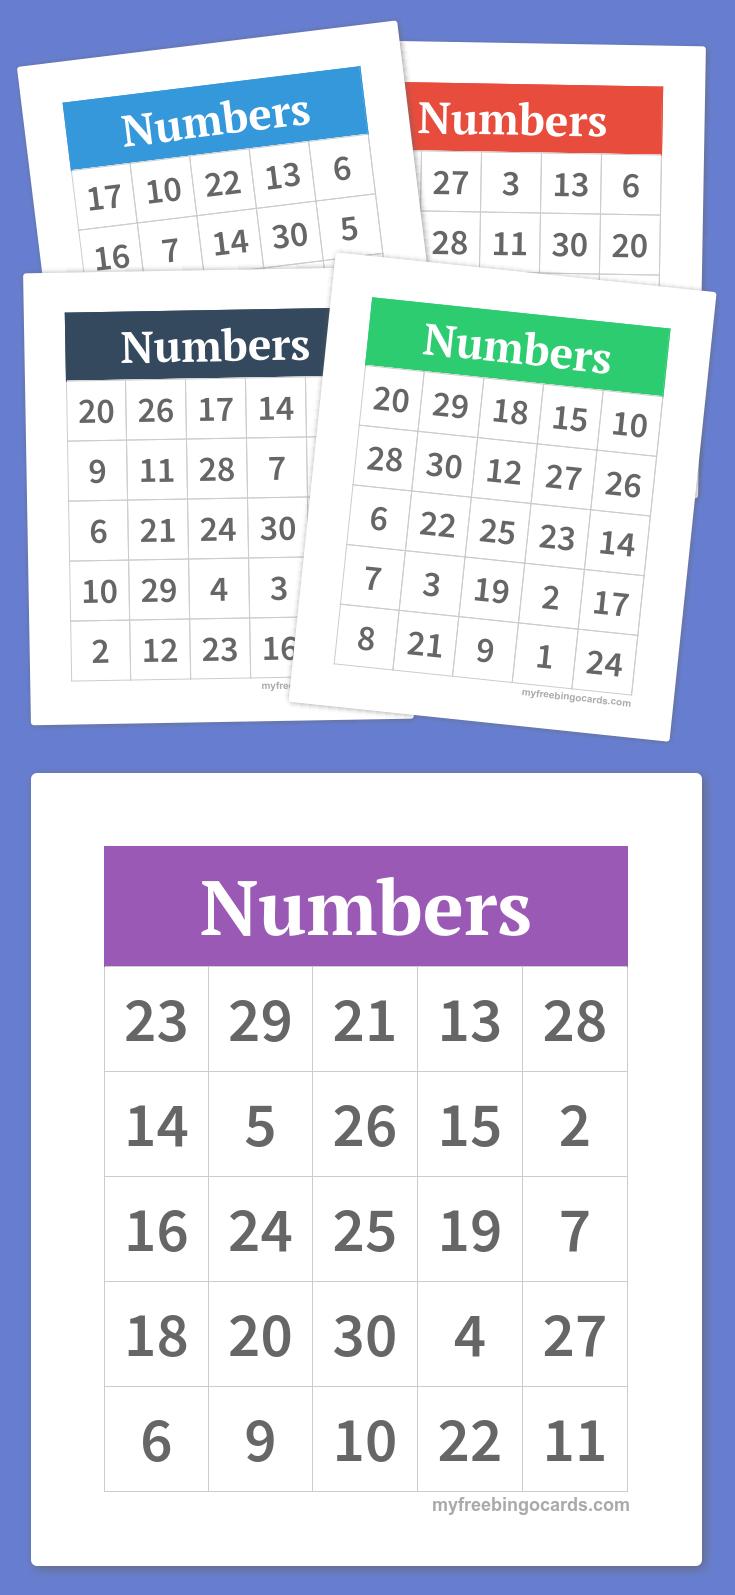 Free Printable Bingo Cards   Bingo, Voor Kinderen